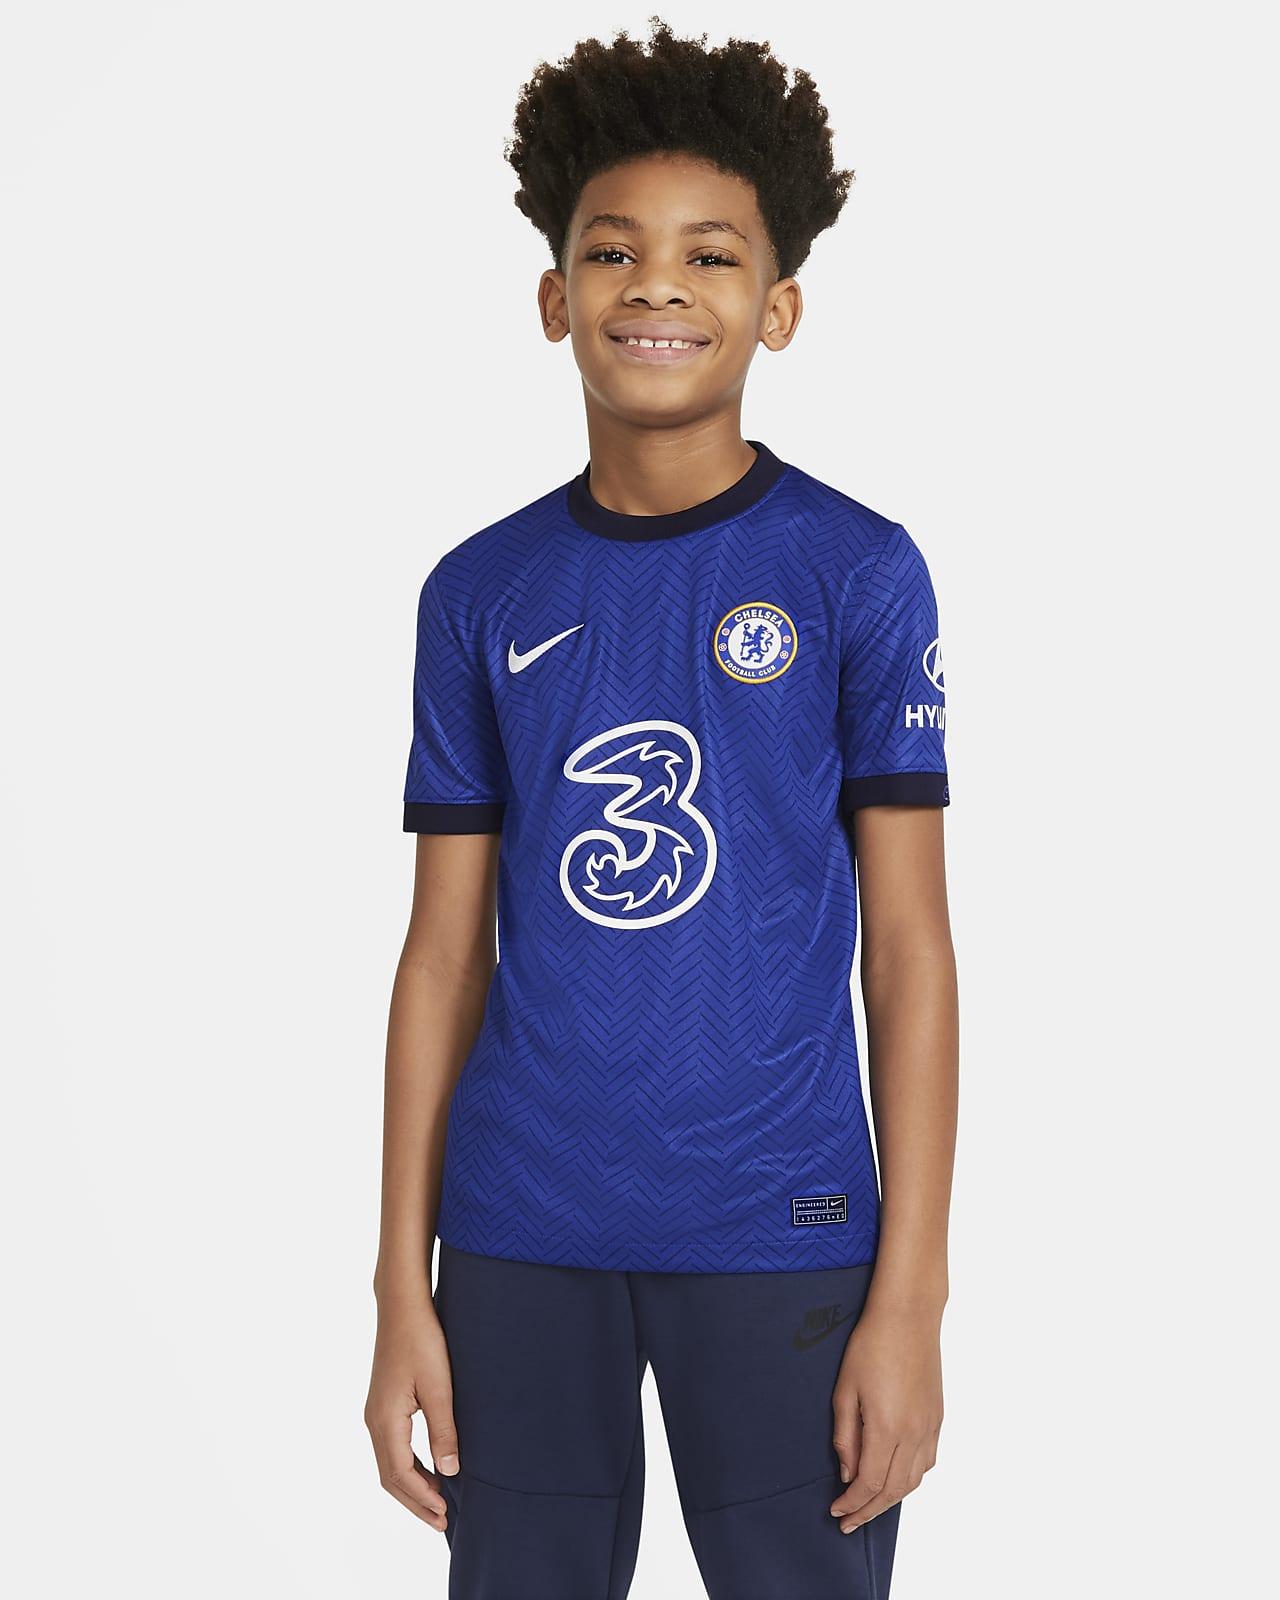 Jersey de fútbol del Chelsea FC local 2020/21 Stadium para niños talla grande